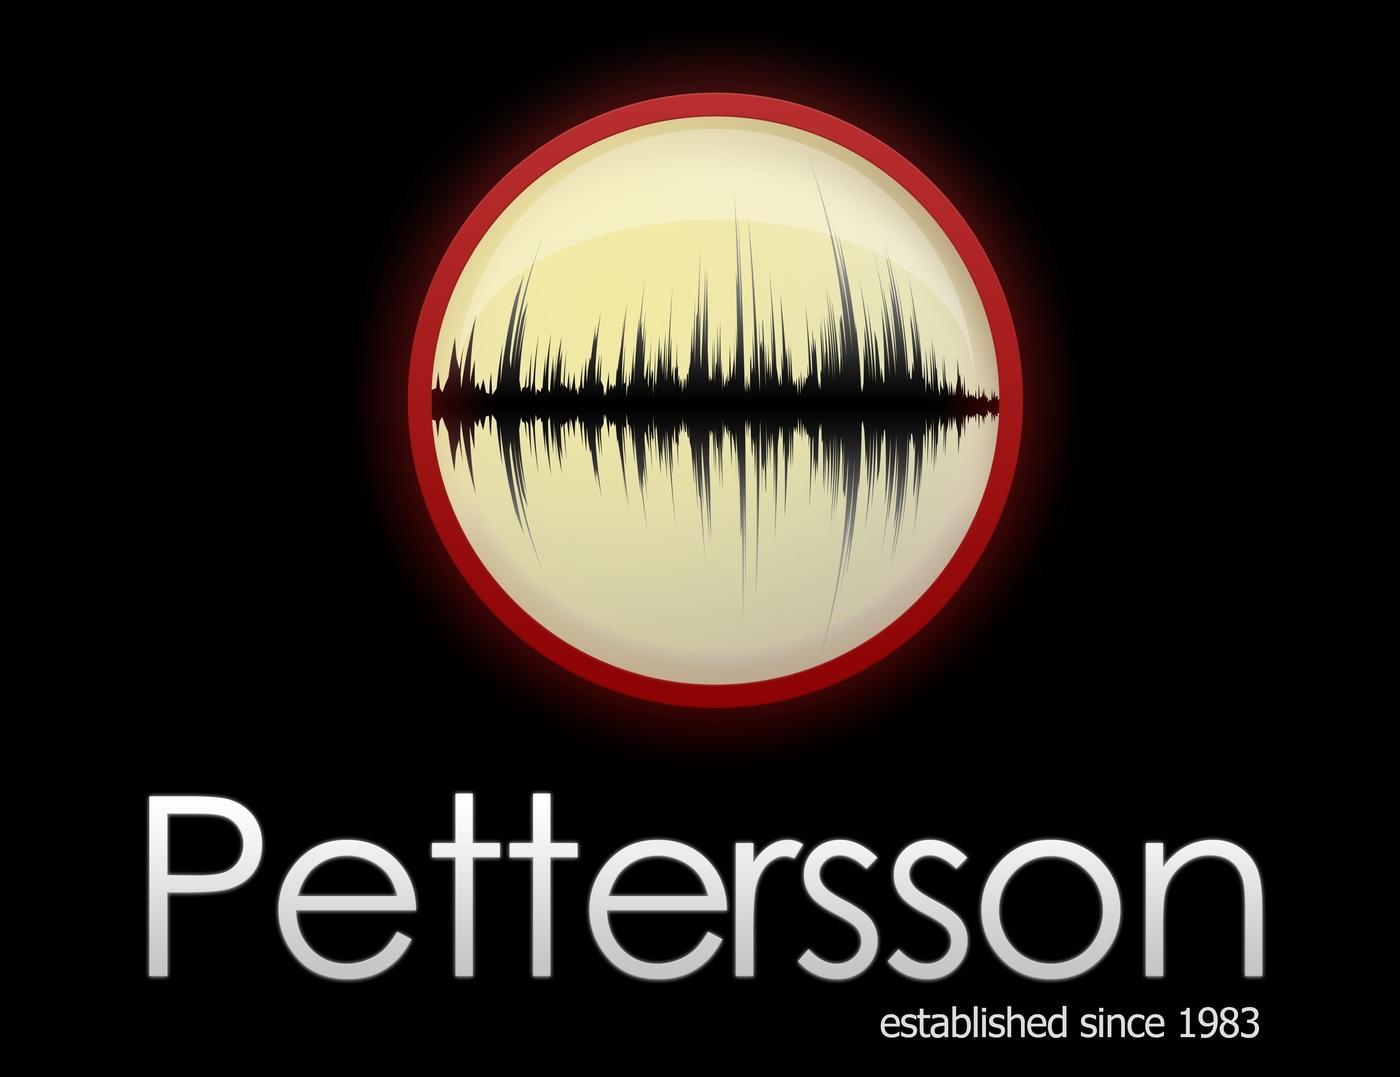 Logo_Pettersson_copy_1400x.jpg